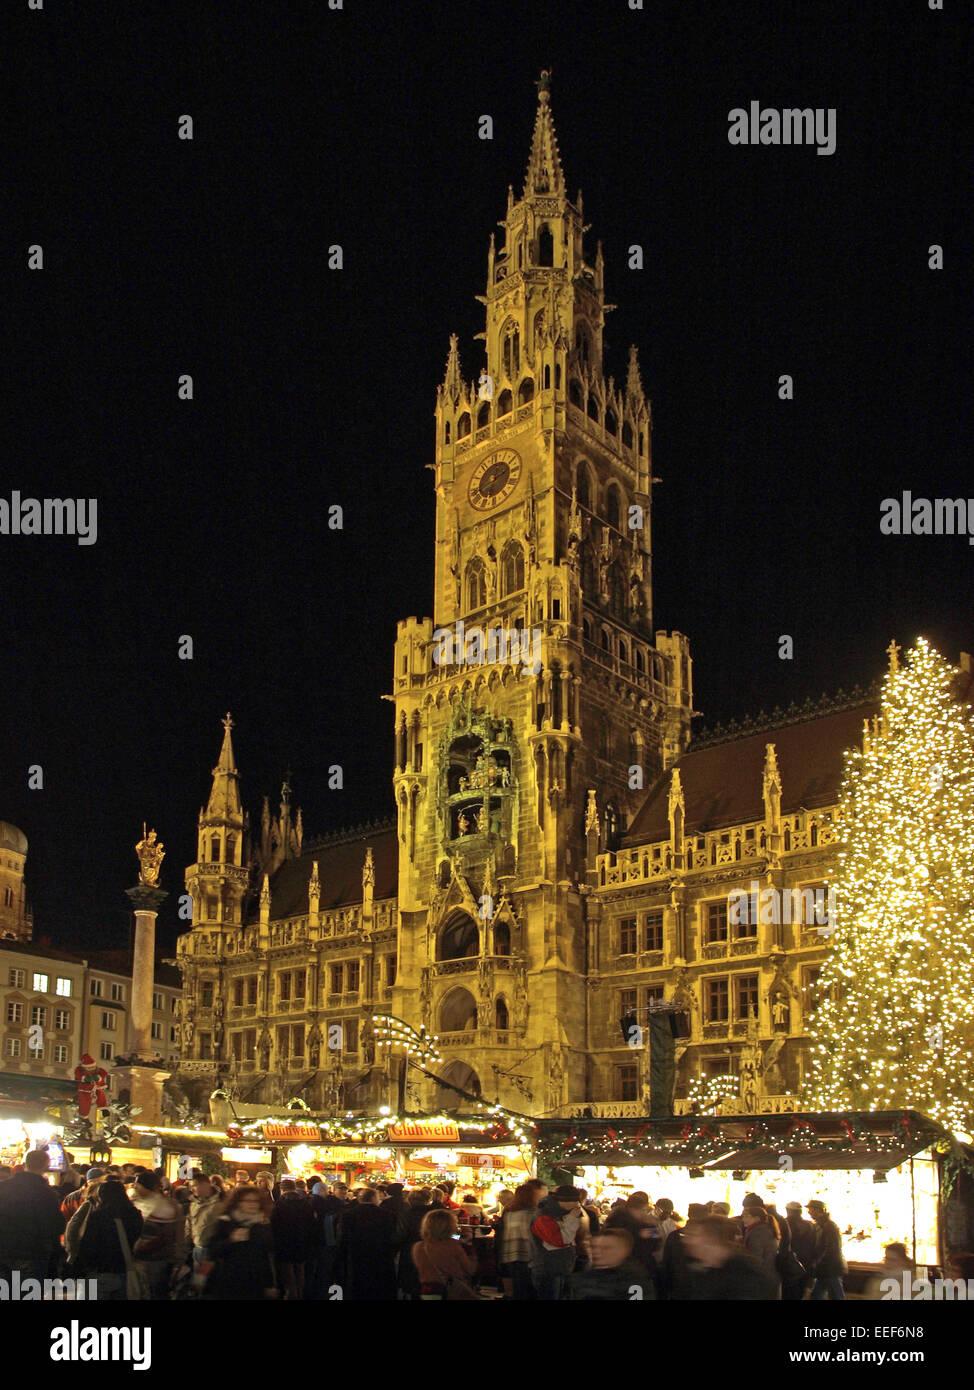 Deutschland, Bayern, Muenchen, Rathaus, Weihnachtsmarkt, Abend, Europa, Sueddeutschland, Oberbayern, Stadt, Christkindlmarkt, - Stock Image